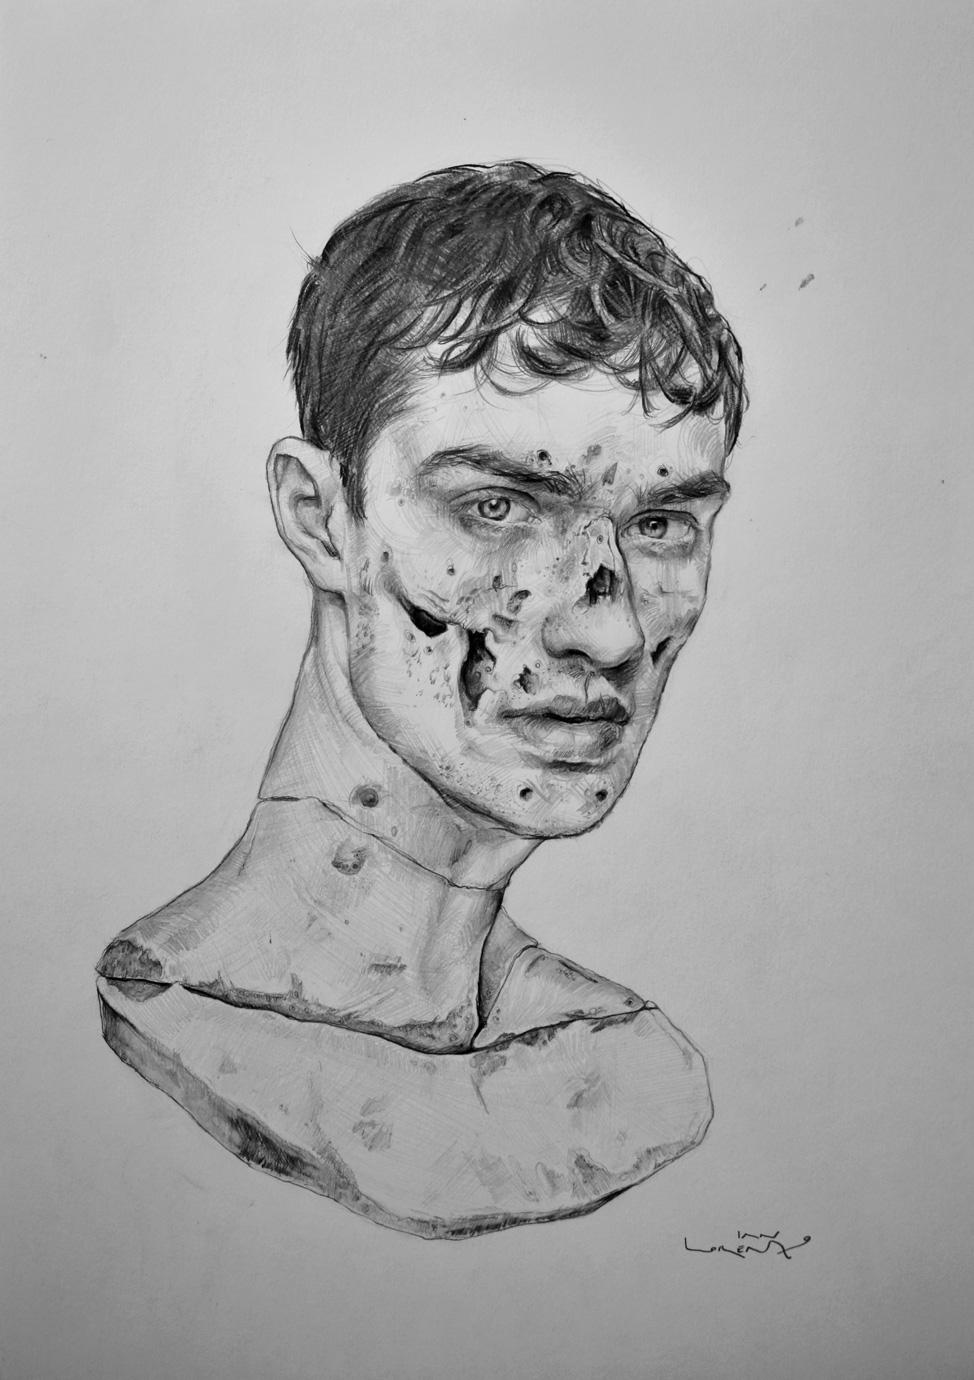 Exposición de Ian Lorenzo | Macaronesia Fuerteventura